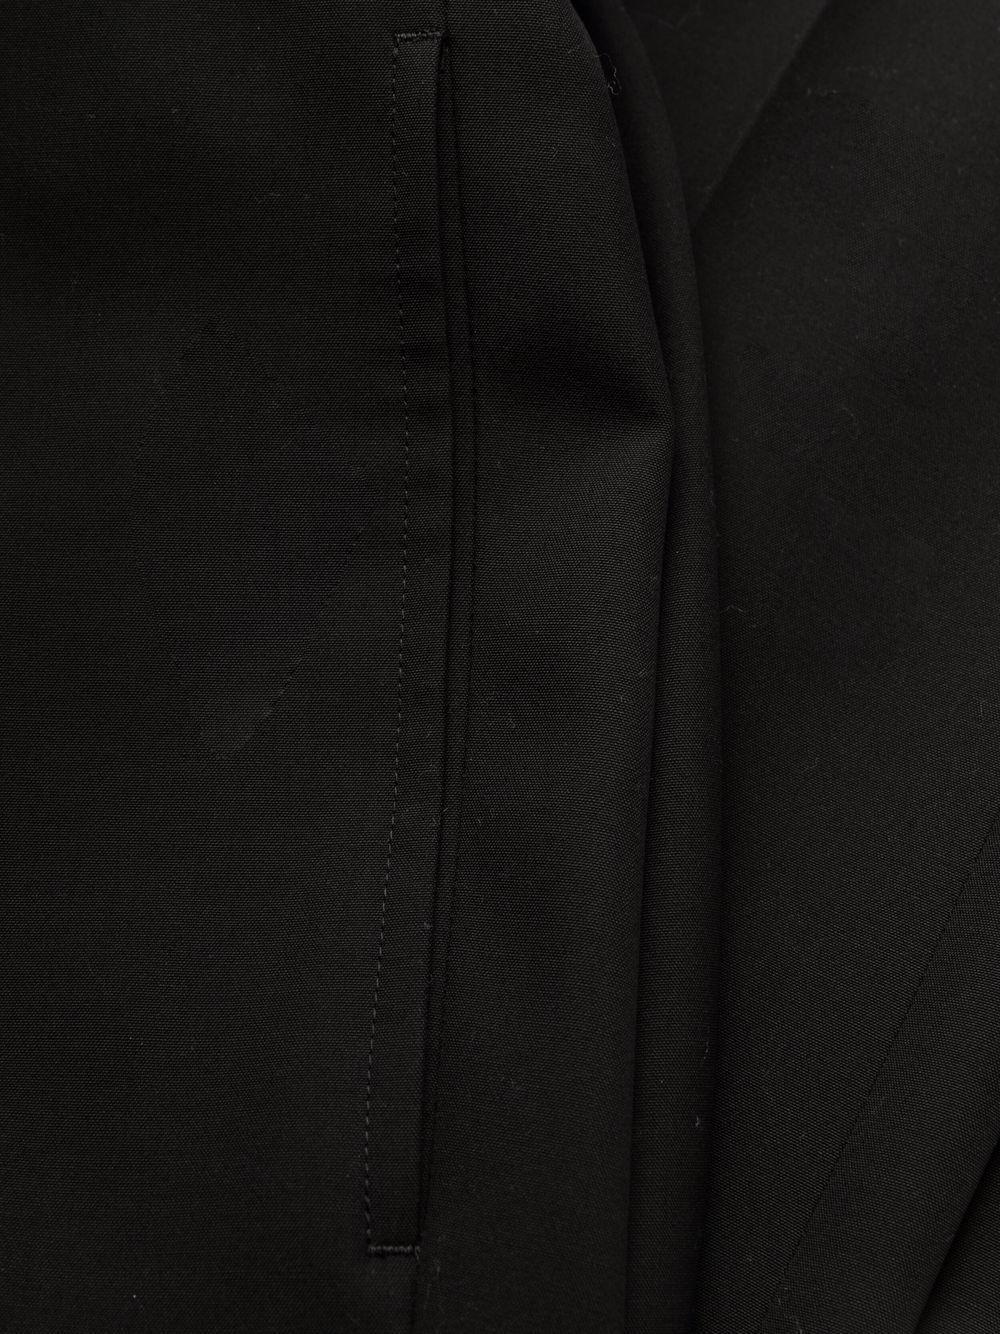 Pantalone - Givenchy